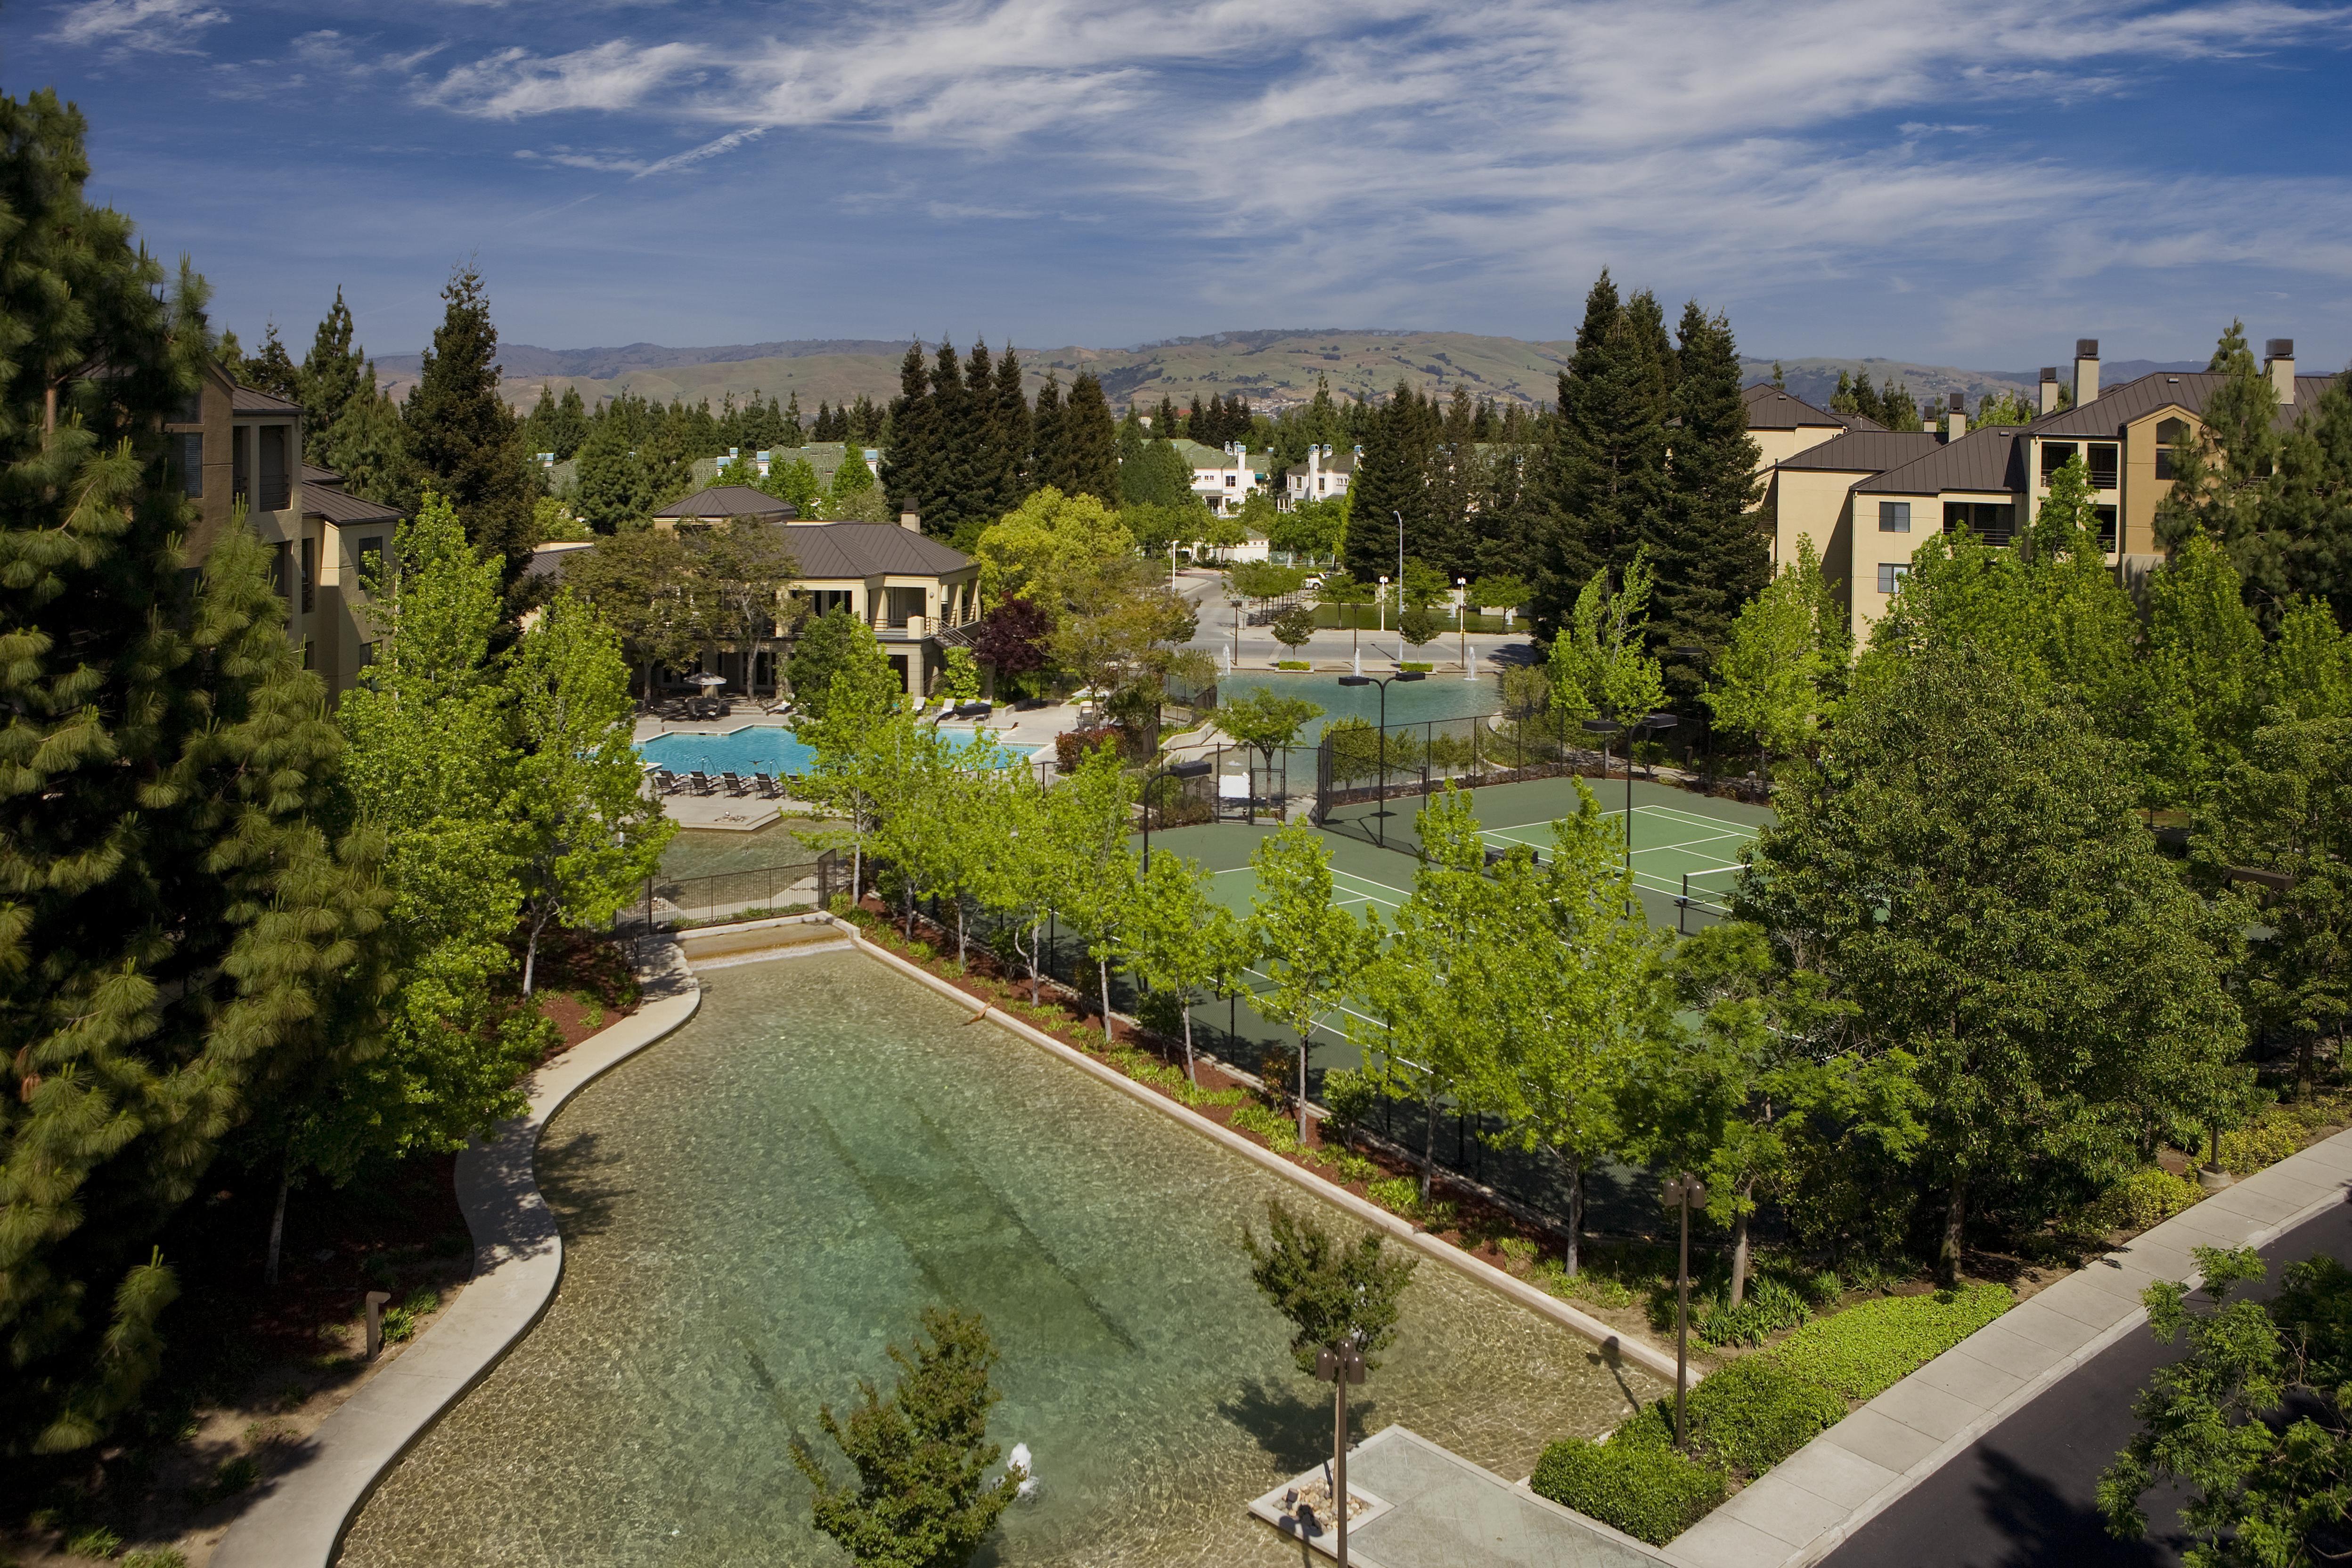 Lush landscaping at Elan at River Oaks in San Jose, CA